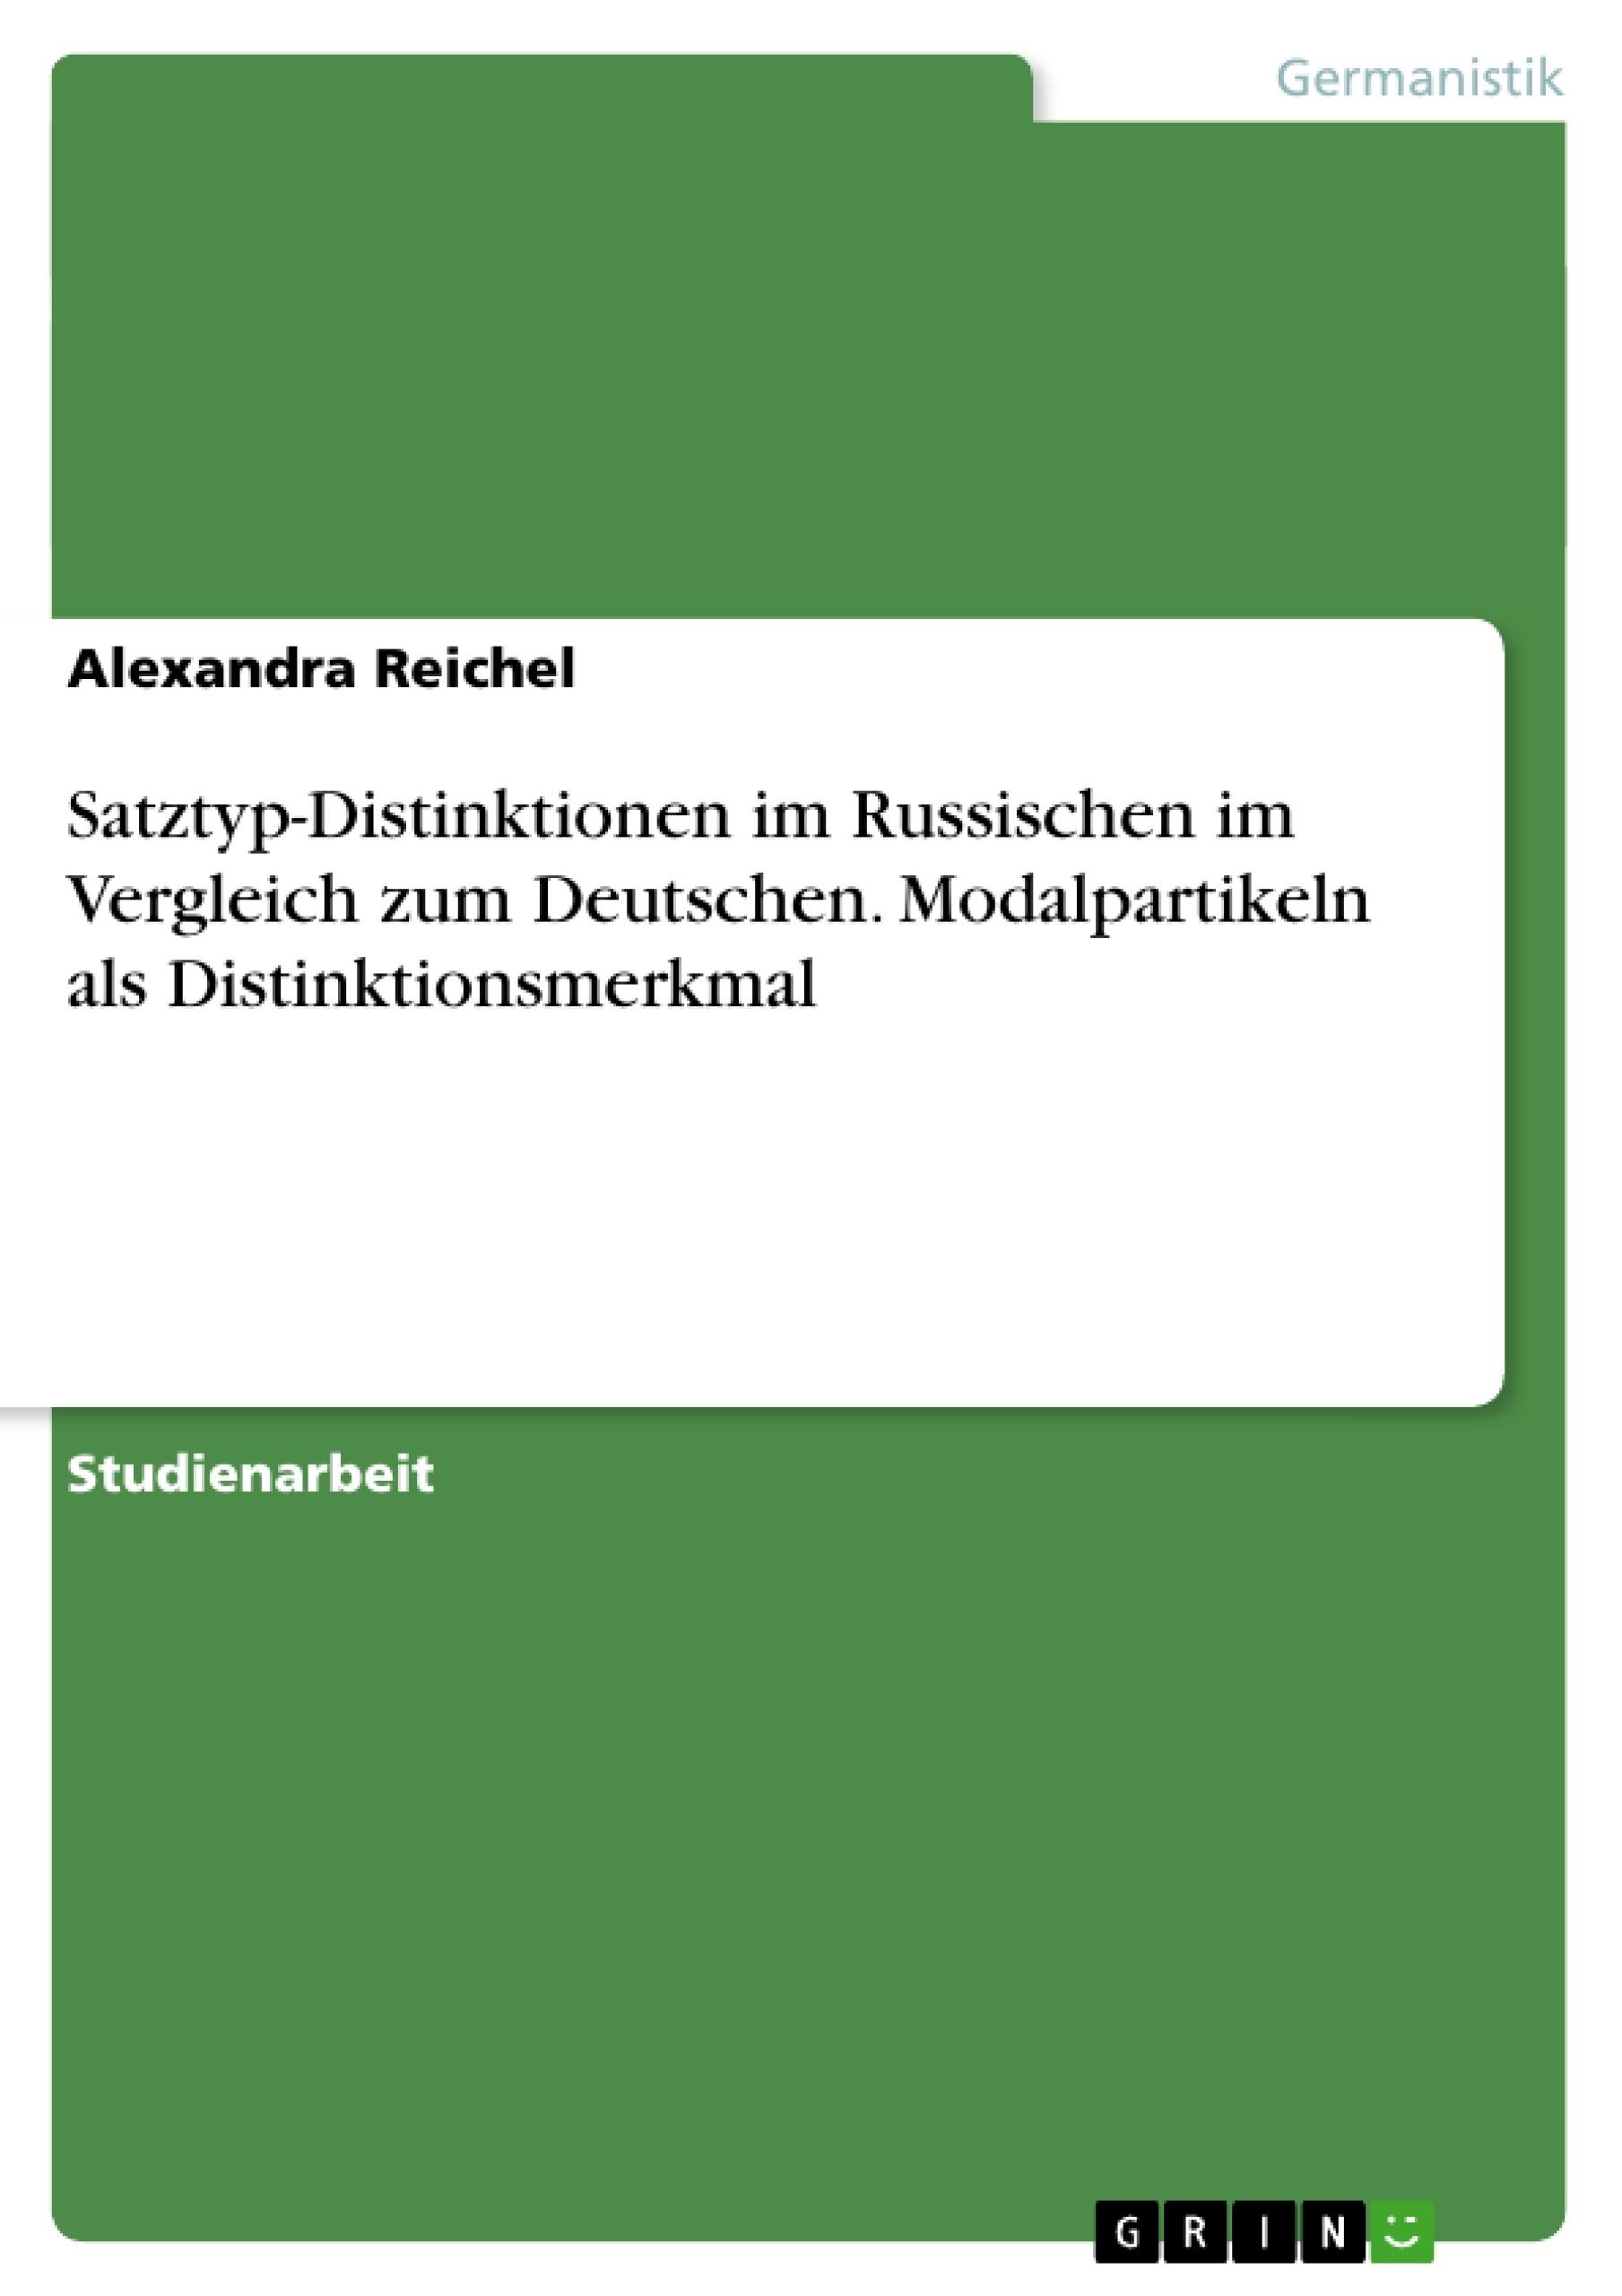 Titel: Satztyp-Distinktionen im Russischen im Vergleich zum Deutschen. Modalpartikeln als Distinktionsmerkmal